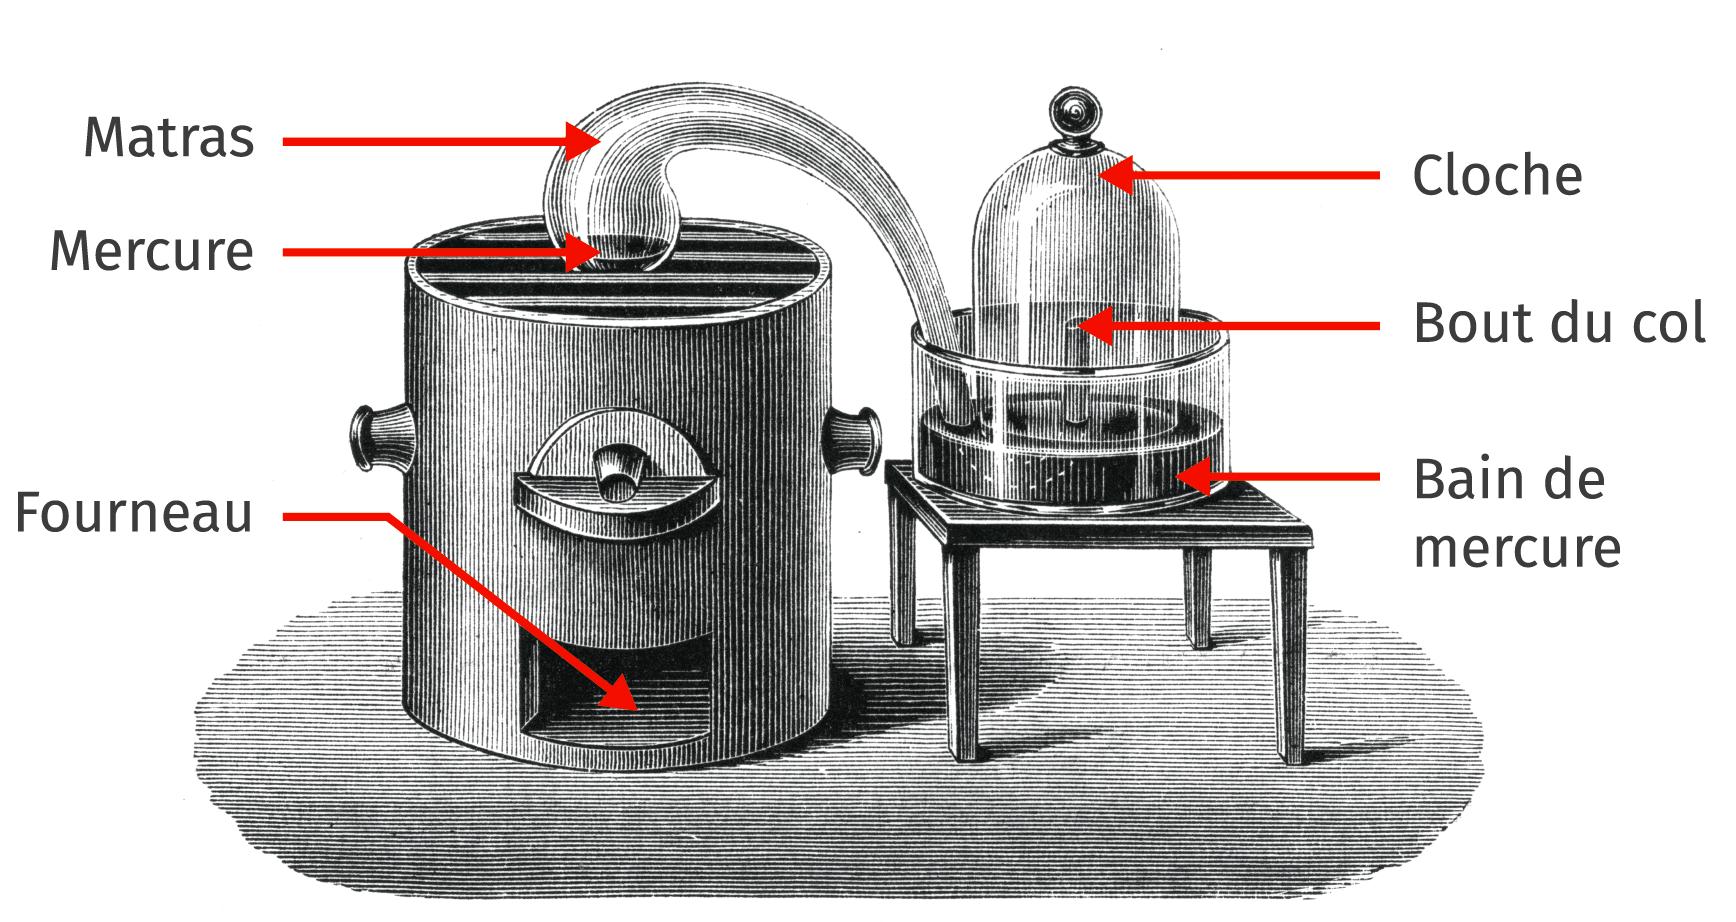 Représentation du montage d'après le croquis de Lavoisier